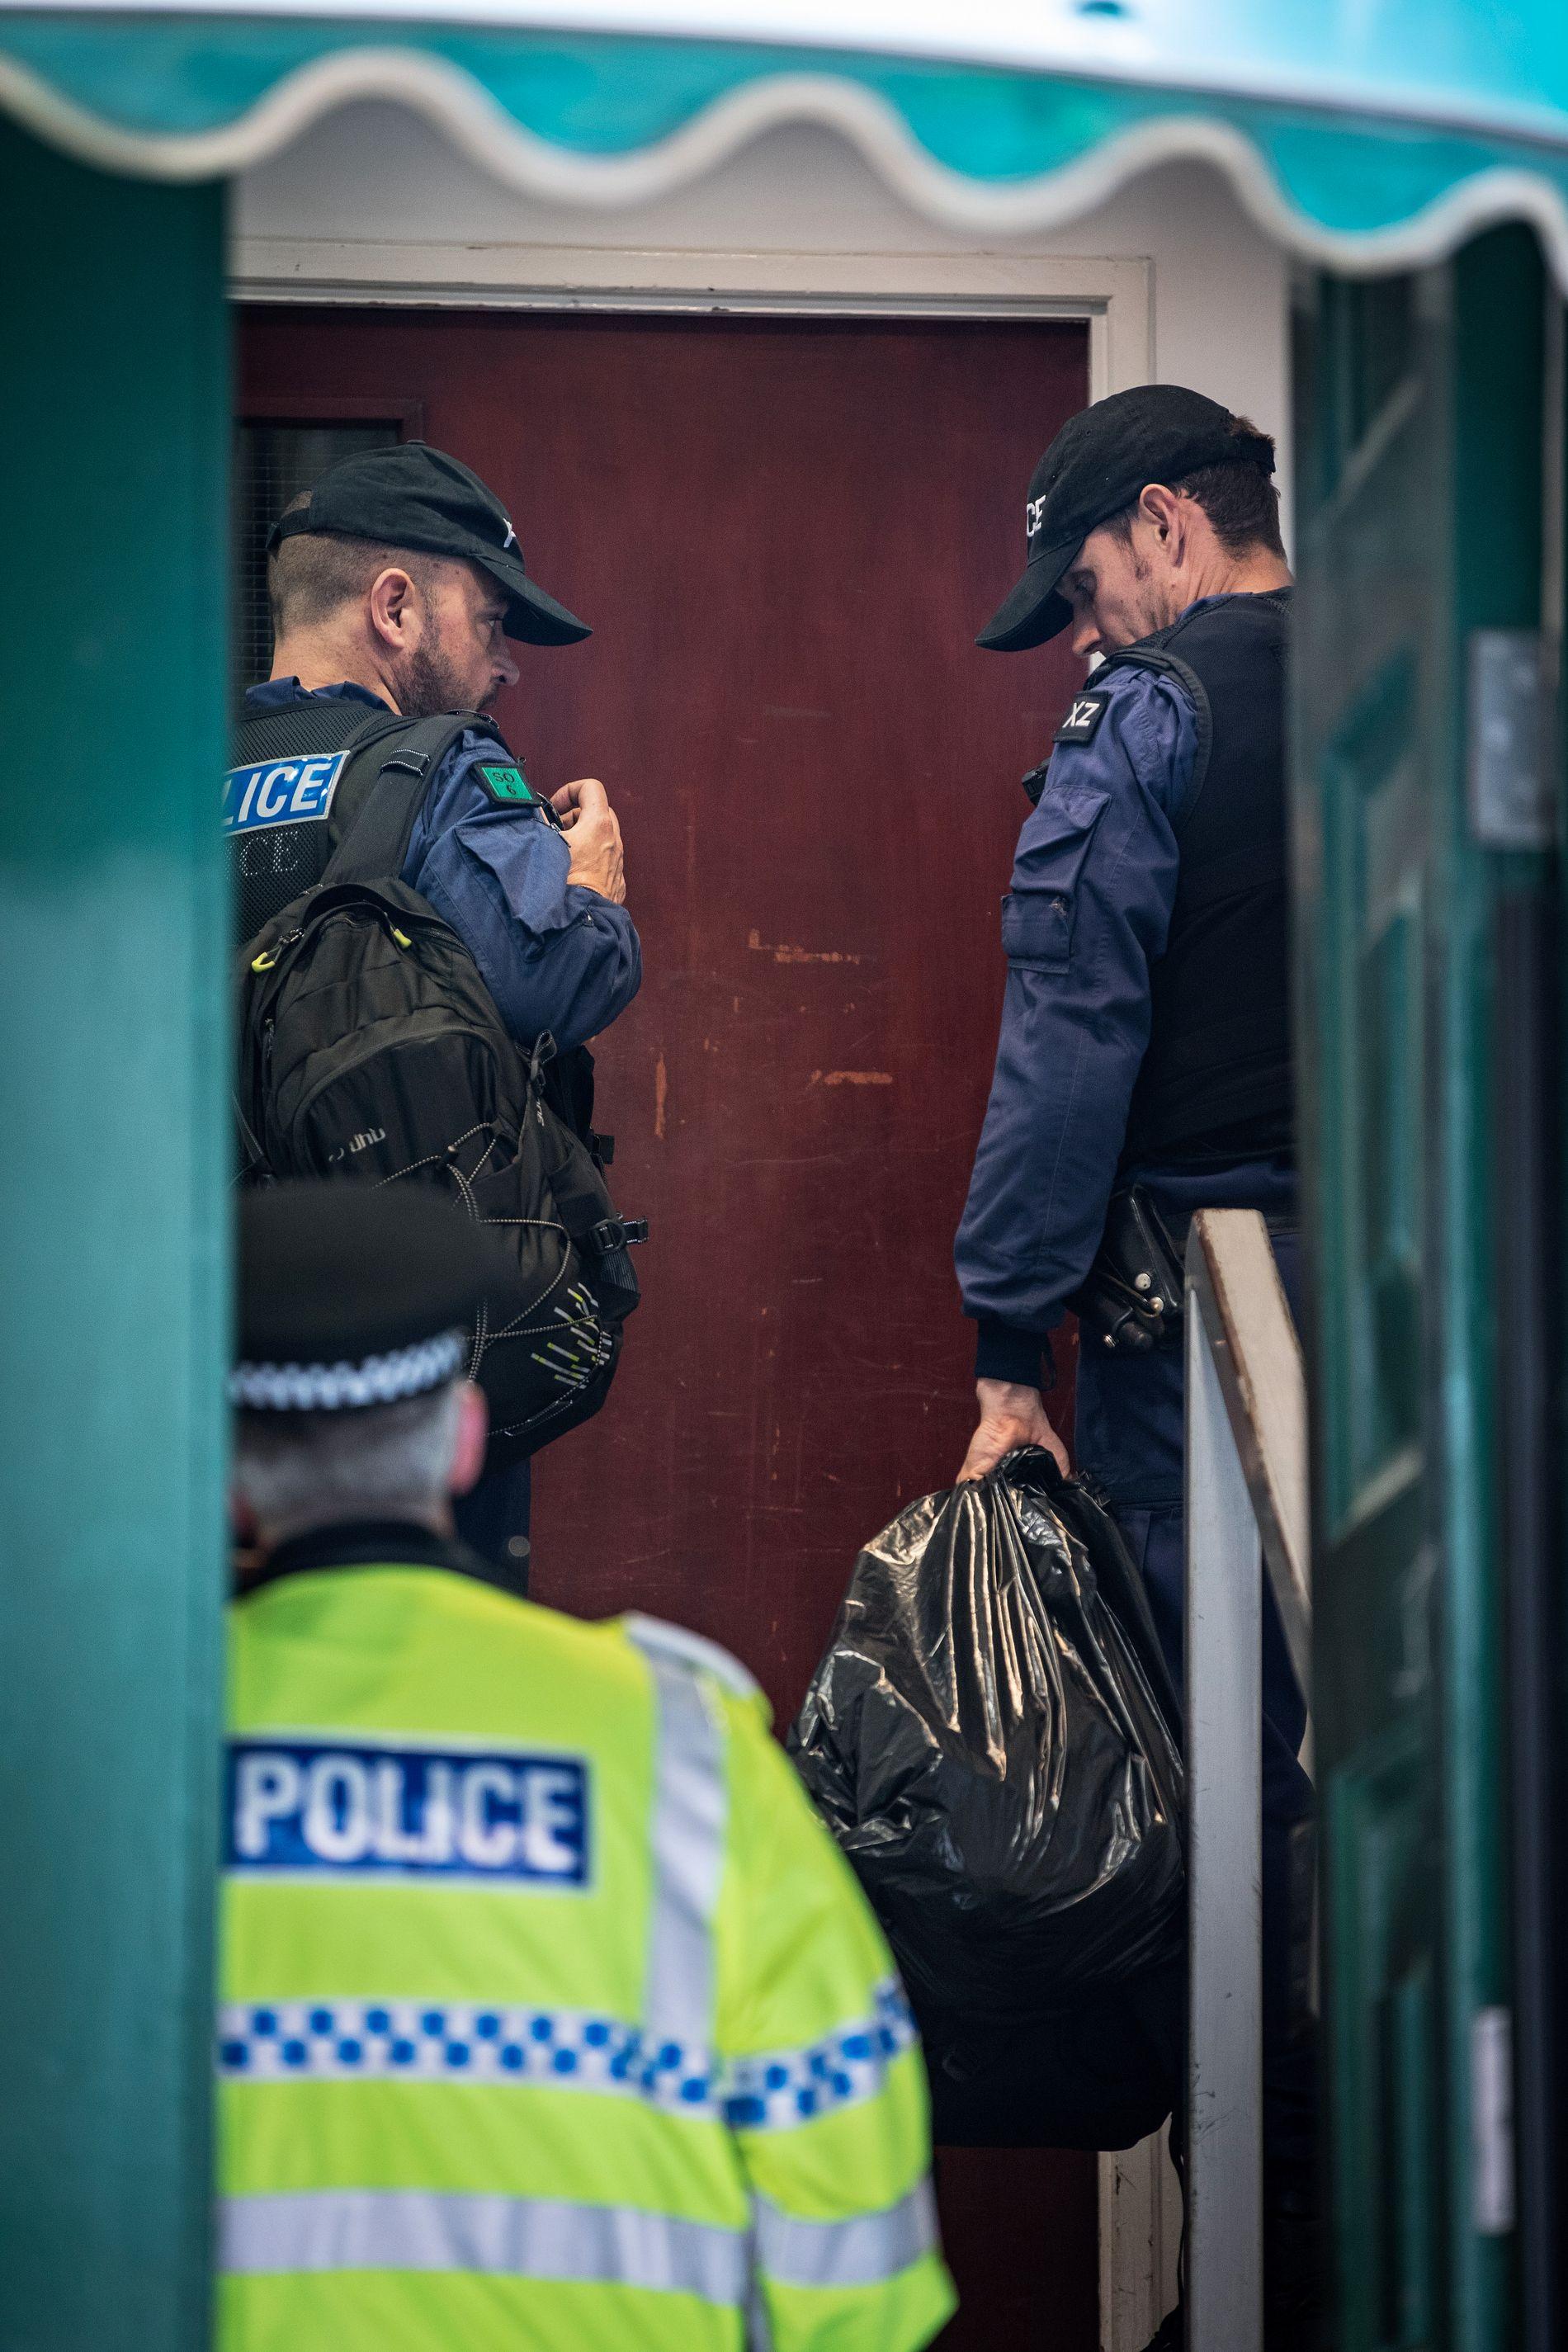 VÆPNET AKSJON: Politiet i Manchester aksjonerte onsdag mot et leilighetsbygg i Grandby Row i sentrum av byen. Aksjonen er en del av etterforskningen politiet gjennomfører etter angrepet.  Foto: JØRGEN BRAASTAD, VG